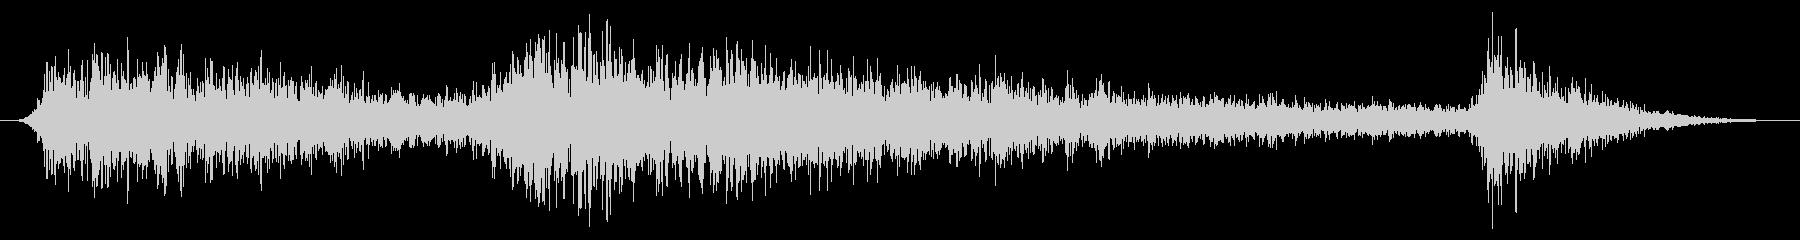 雨の音04(雷雨)の未再生の波形